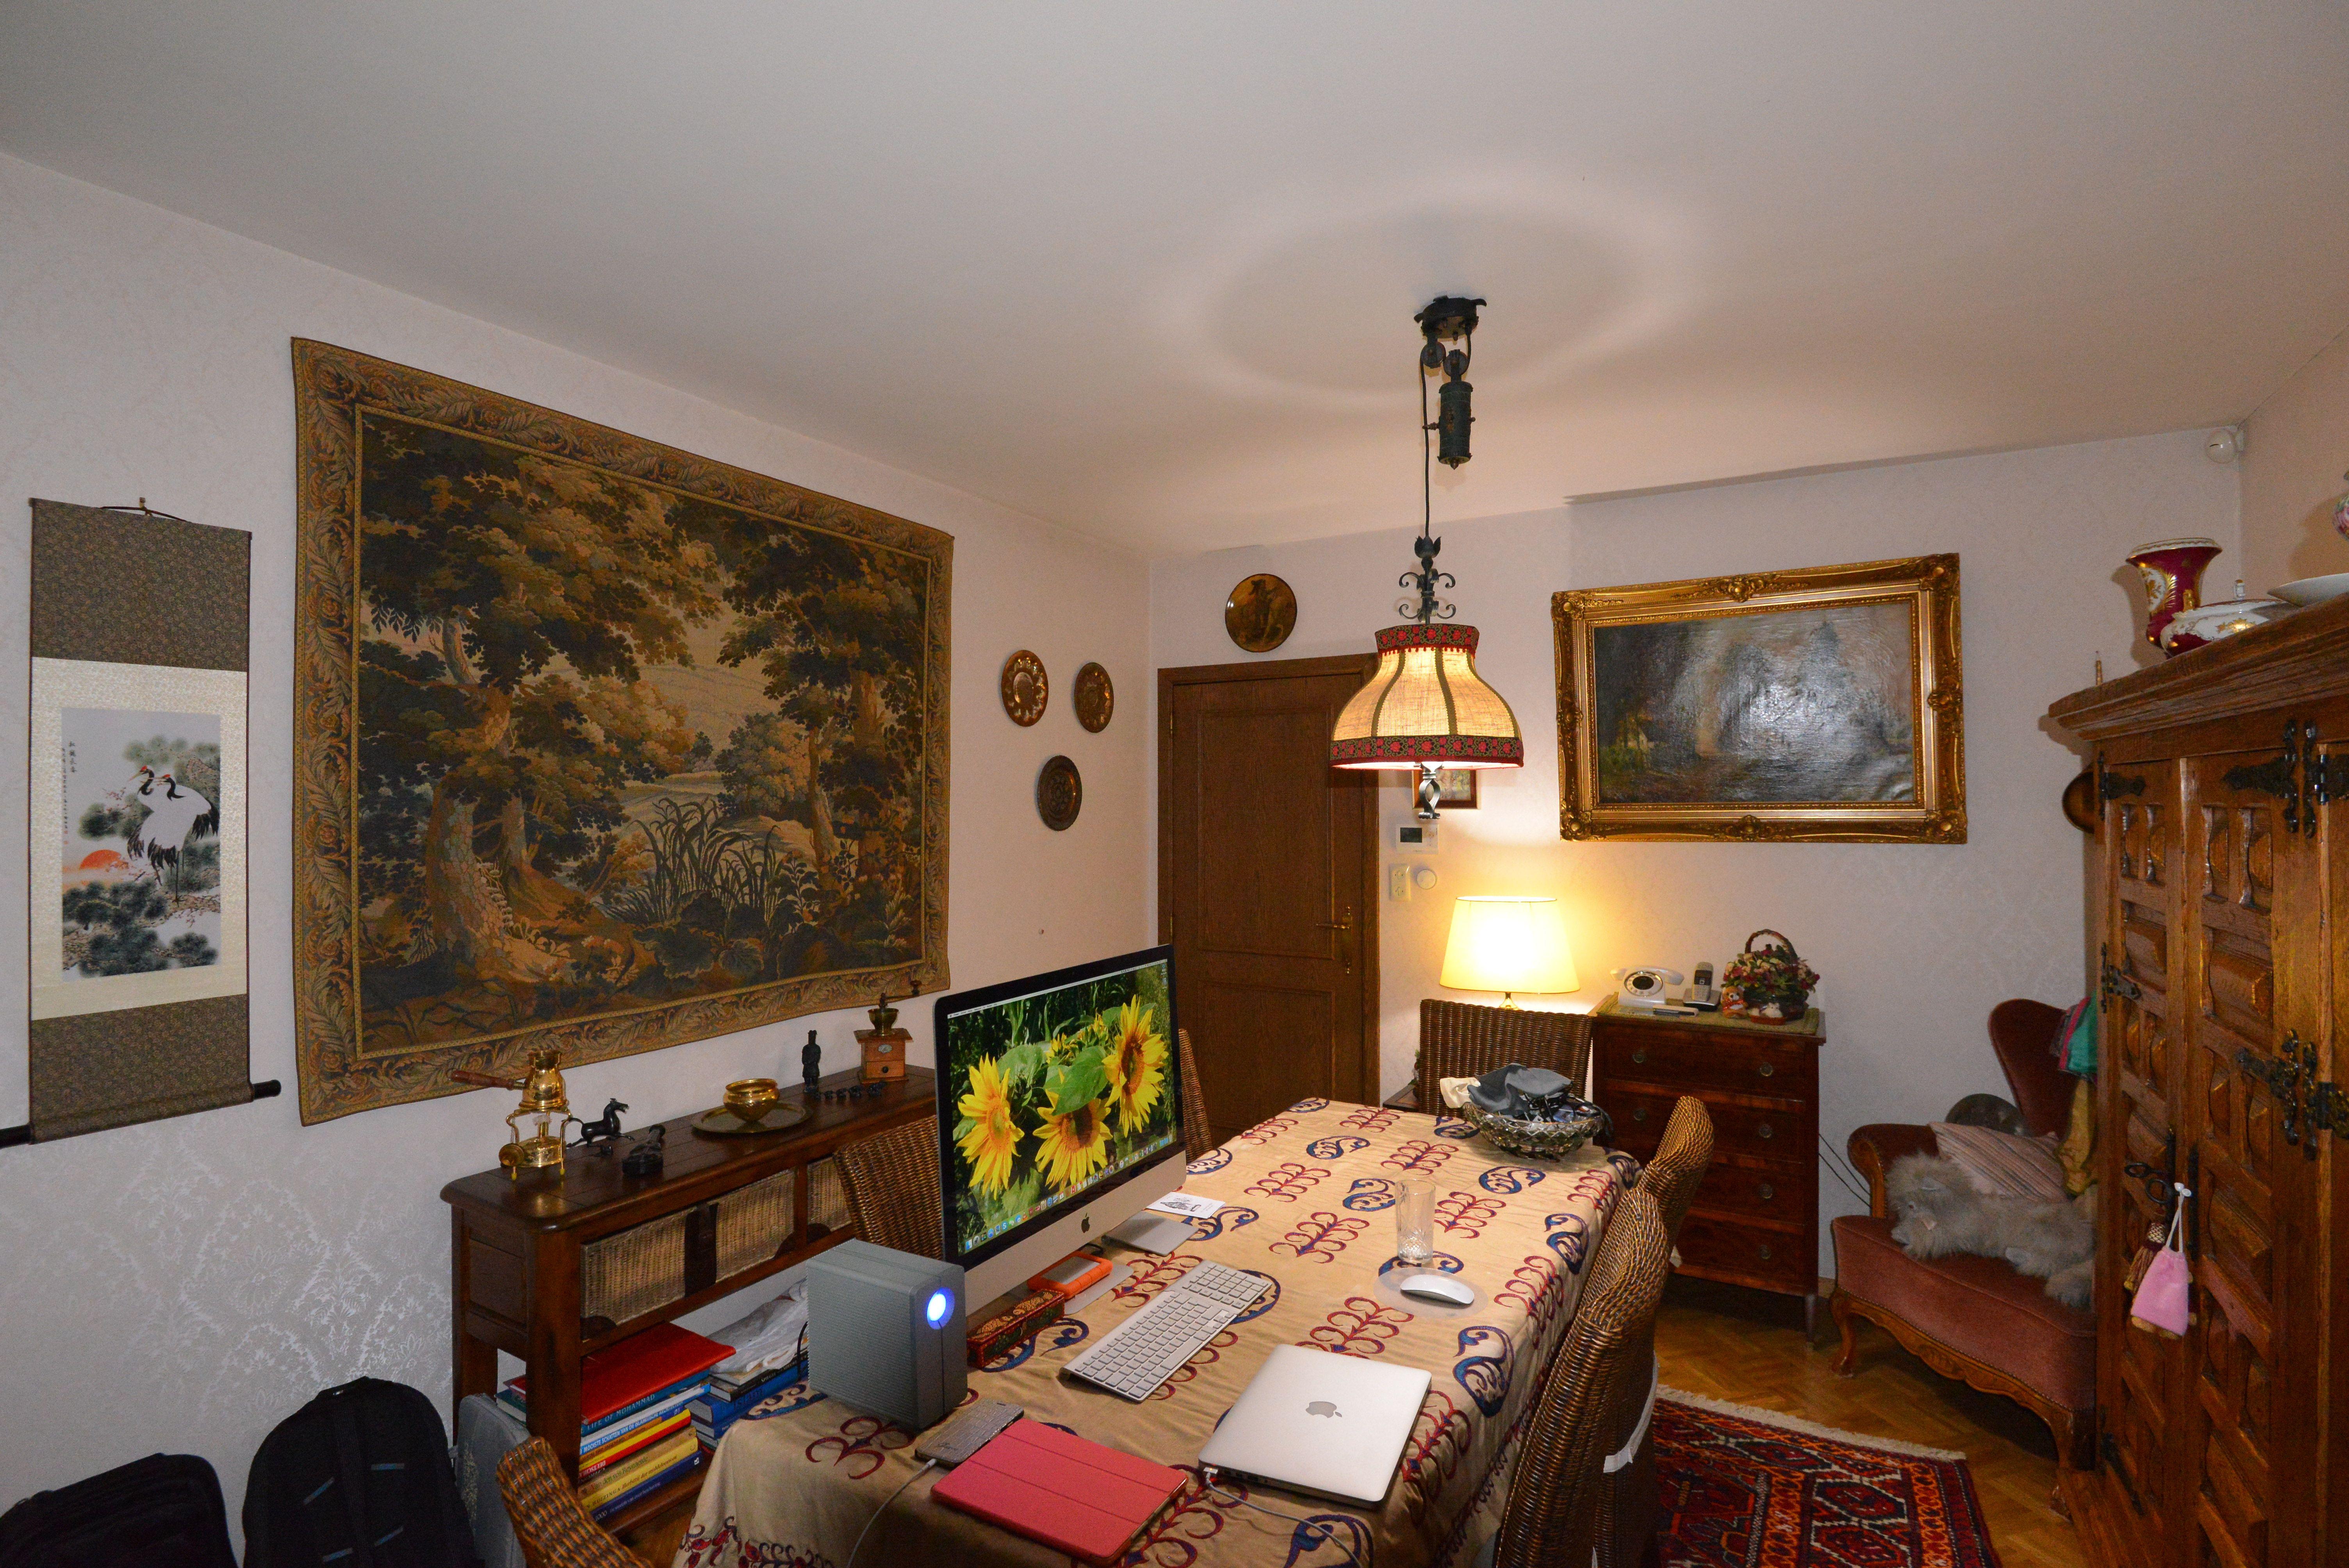 Eetkamer, met achteraan toegang keuken, links wandtapijt, vooraan schilderij